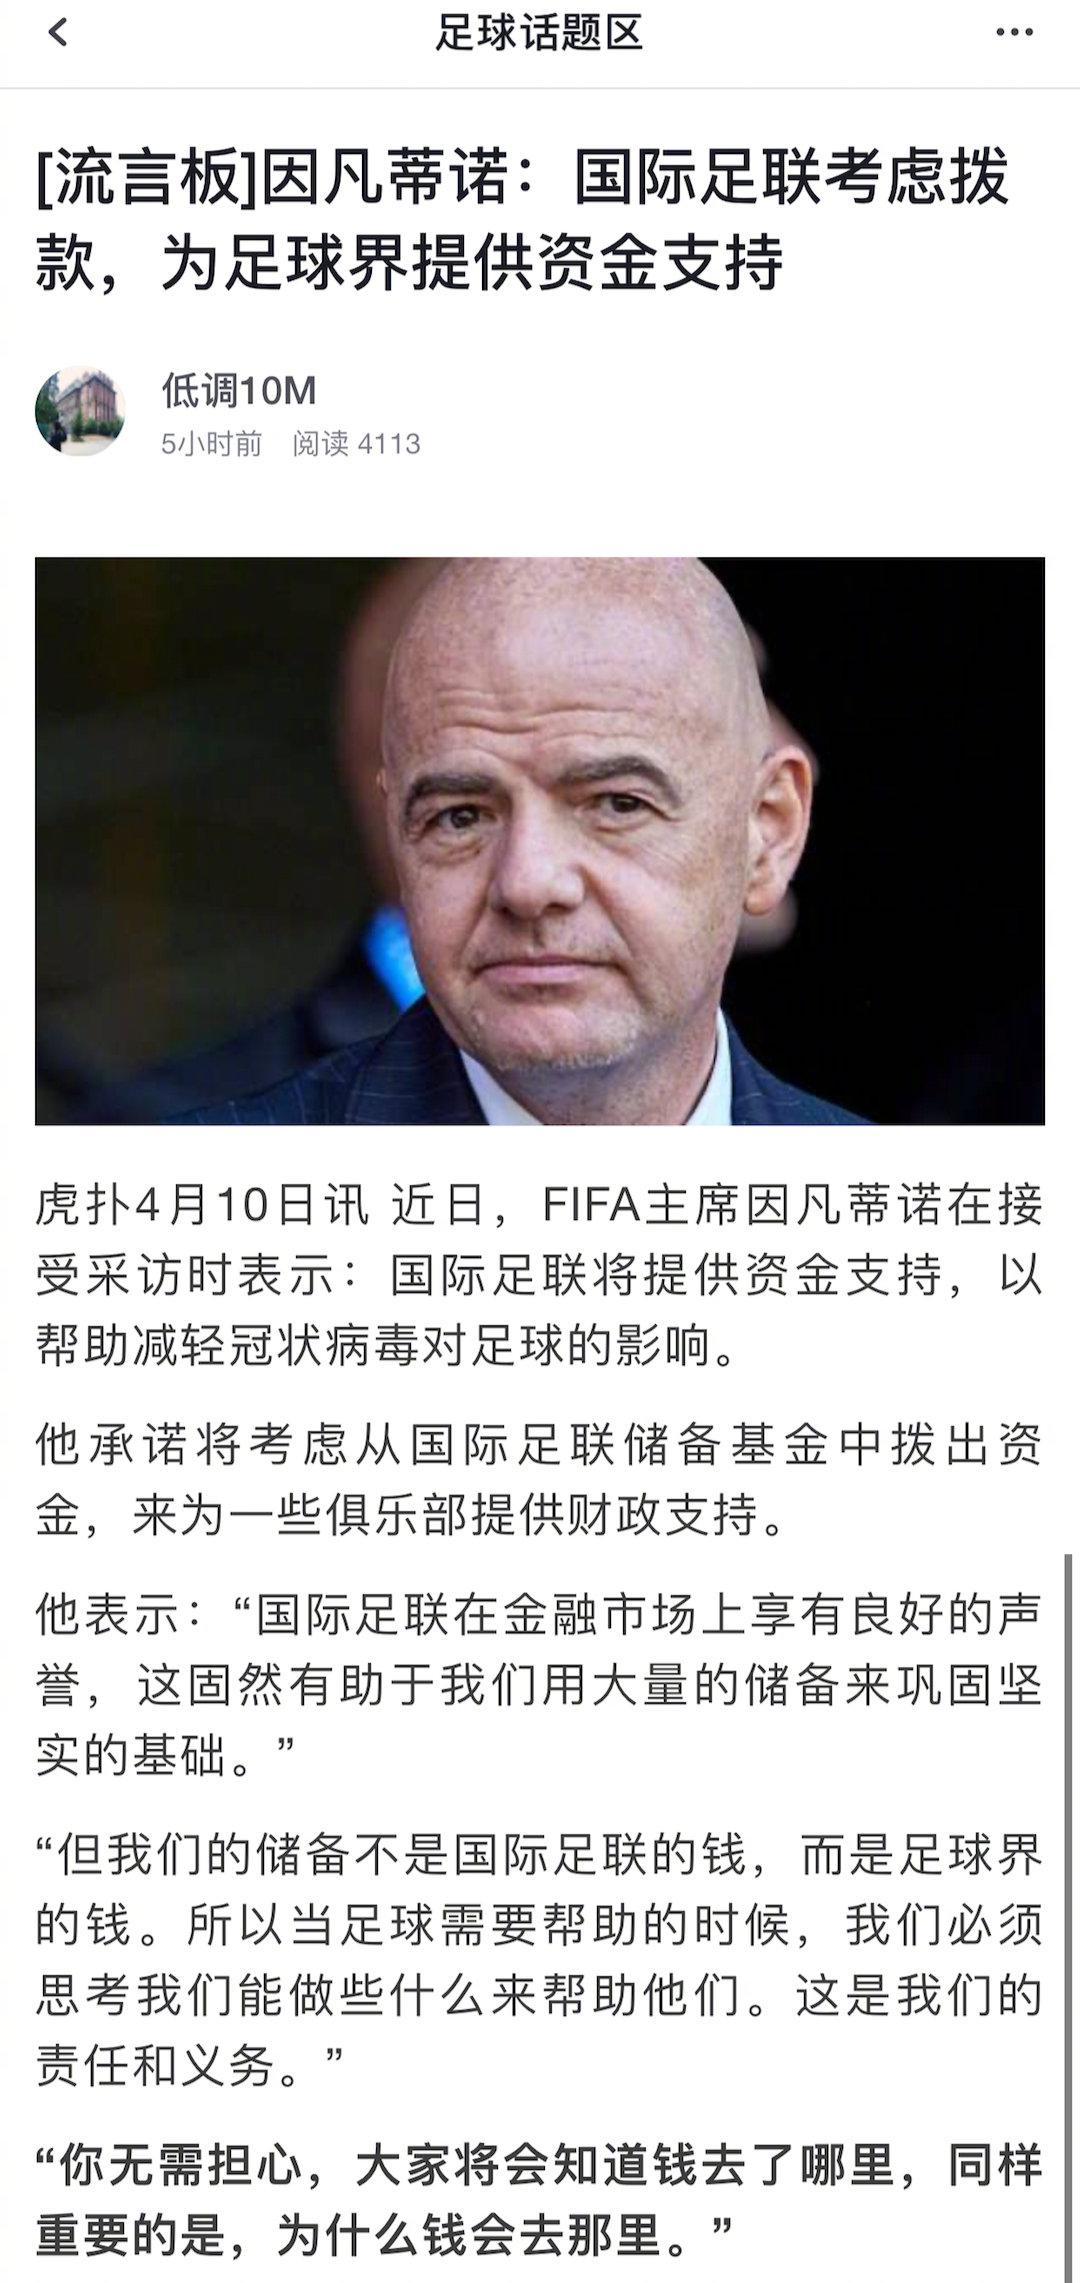 因凡蒂诺:国际足联考虑拨款,为足球界提供资金支持